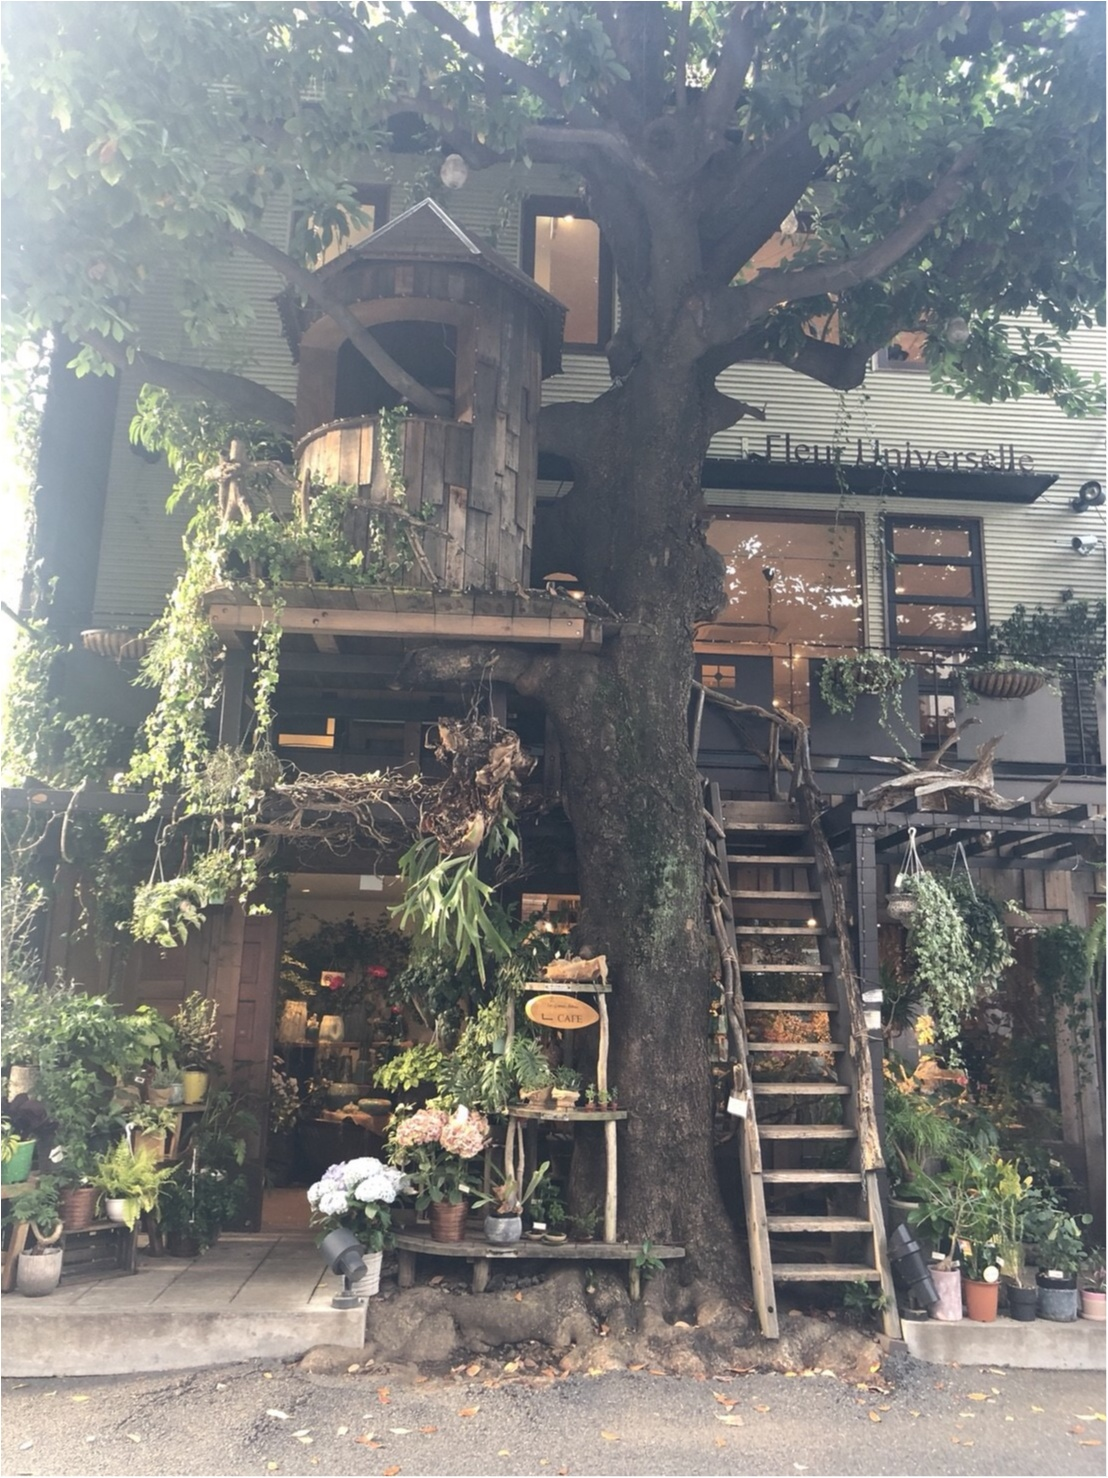 【東京】広尾にこんなお洒落なお店が?!緑溢れるツリーハウスカフェ♡_1